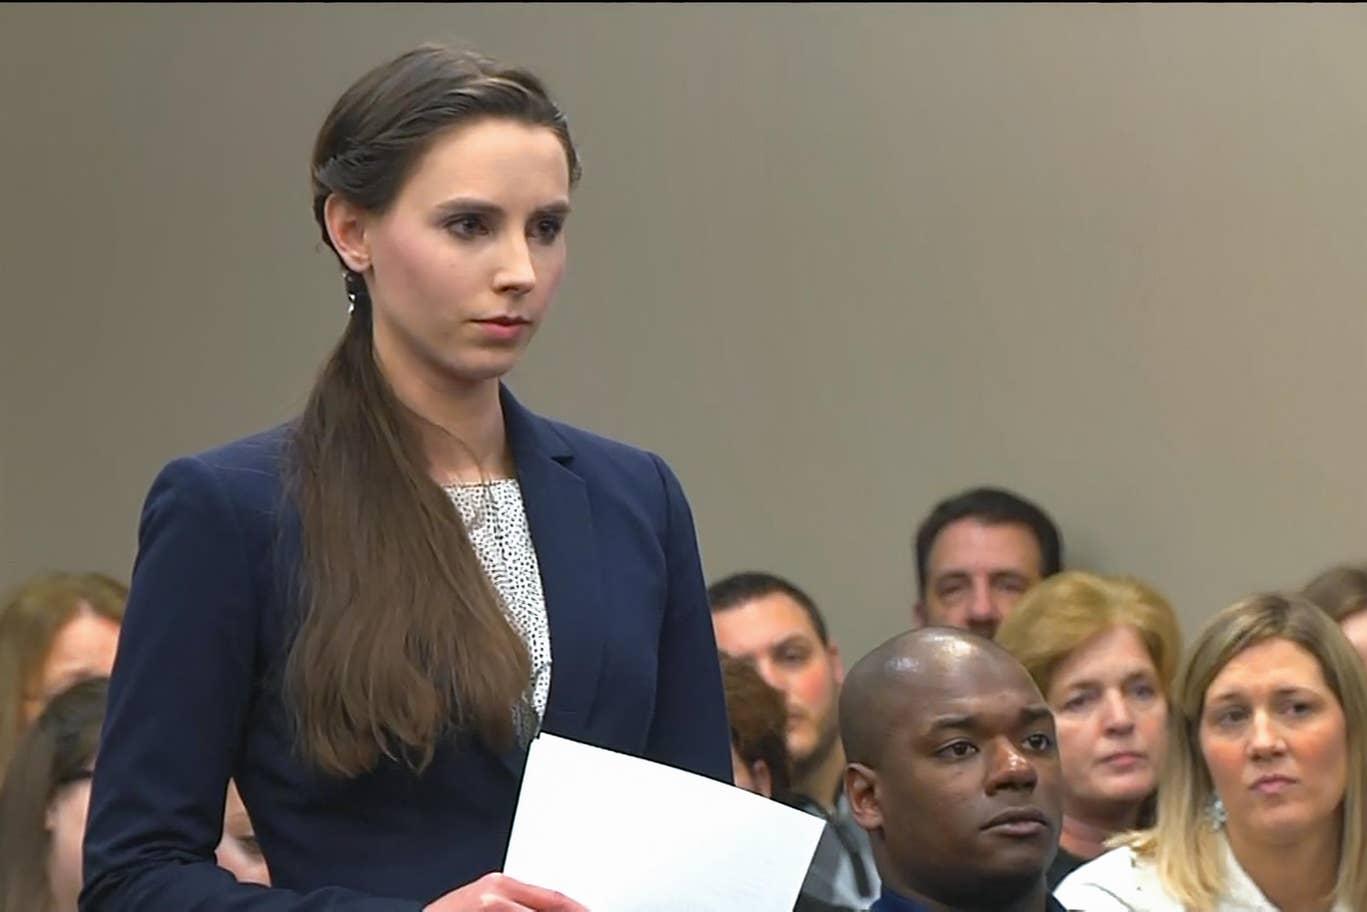 بطلة الجمباز الأميركية أثناء وقوفها في المحكمة وكشفها الوقائع عن اعتداءات الدكتور لاري نصّار عليها ومئات غيرها